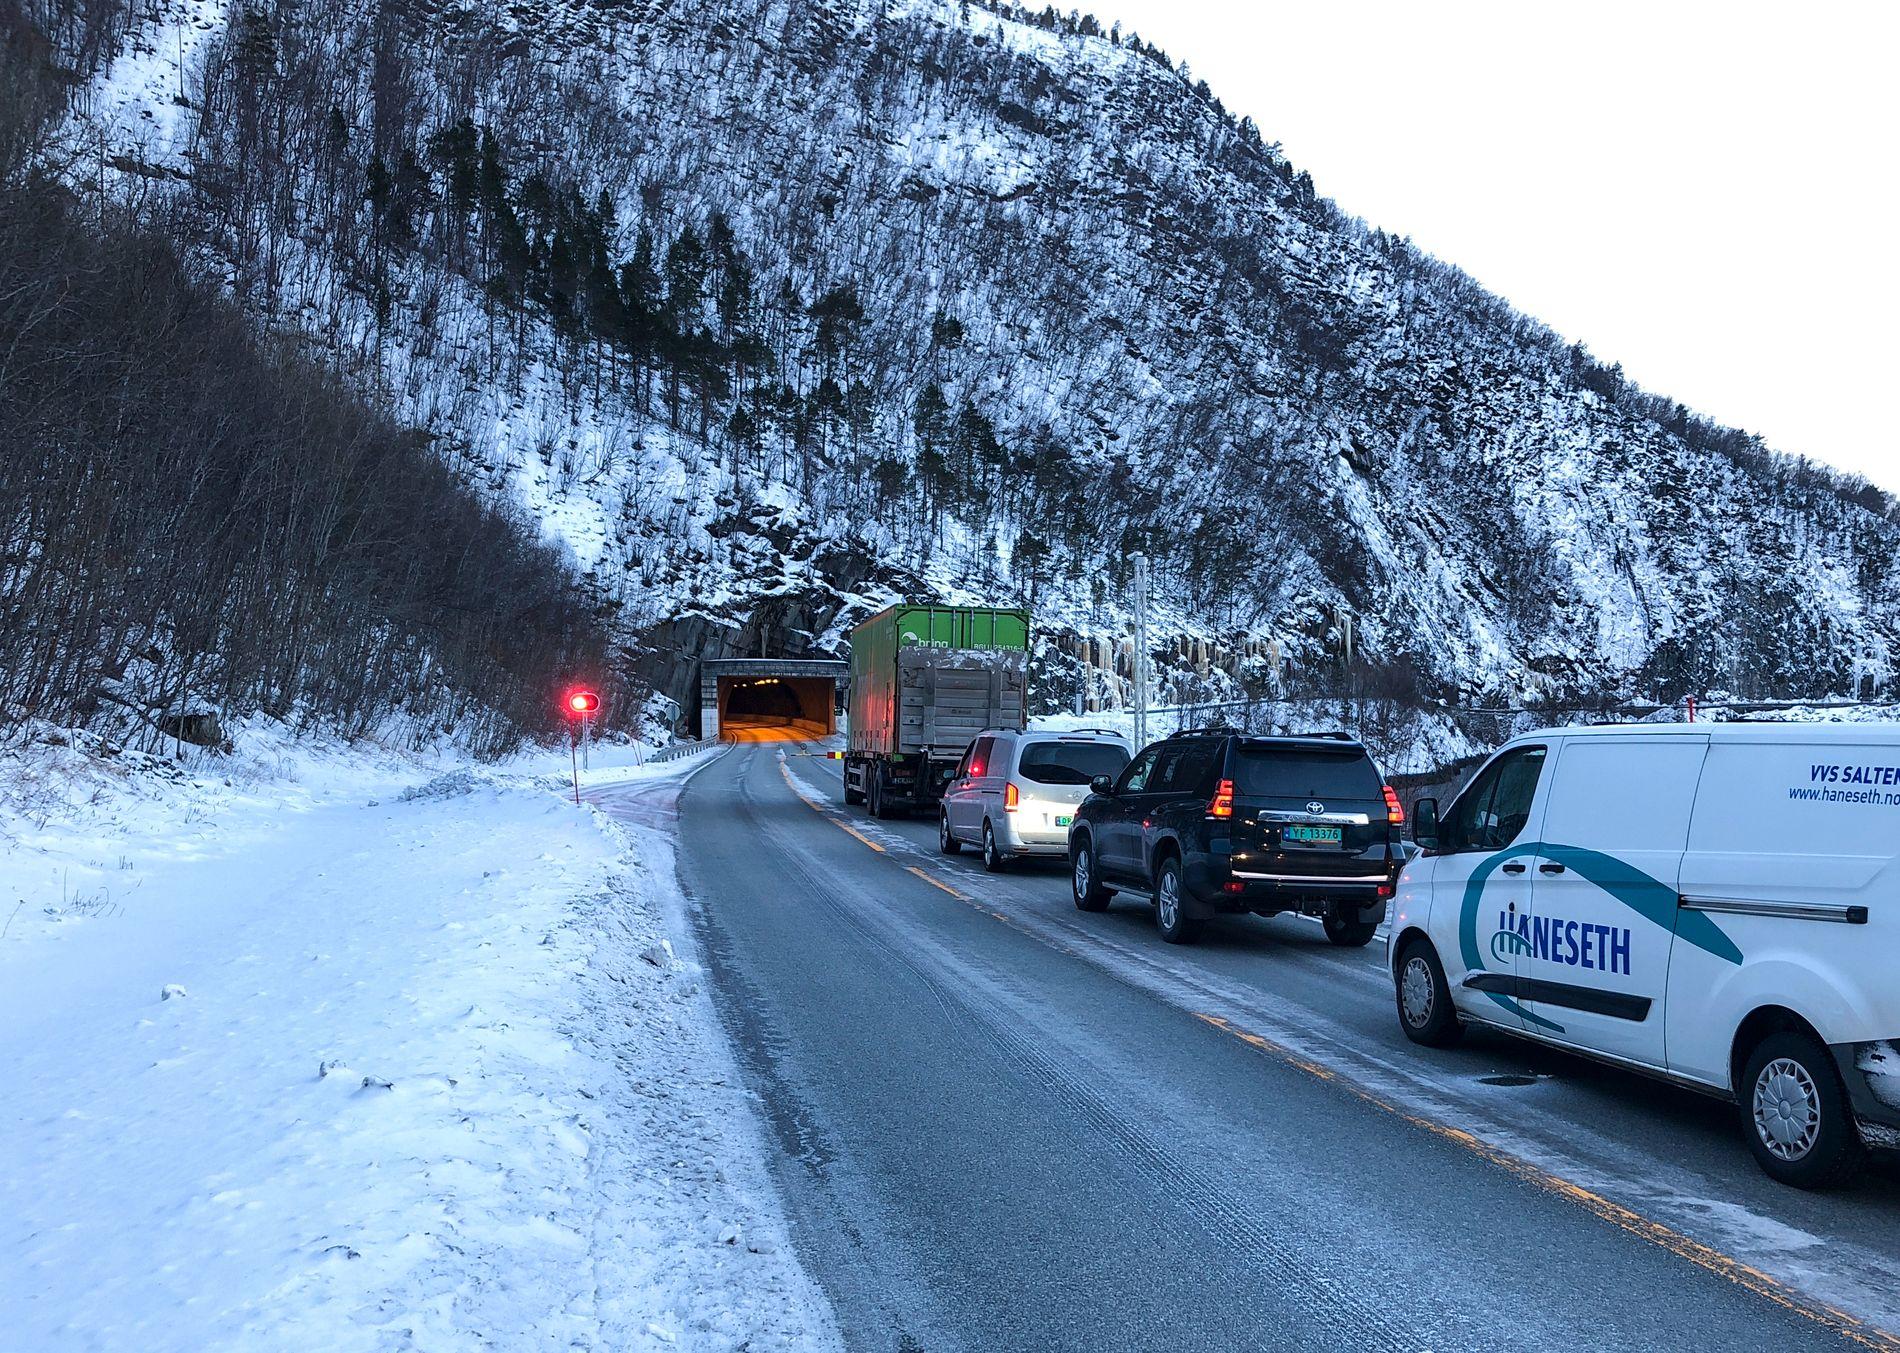 VAR STENGT:  Saksenviktunnelen på E6 i Saltdal i Nordland var stengt etter at to personer har mistet livet i en kollisjon mellom en personbil og en lastebil inne i tunnelen torsdag formiddag. Foto: Michael Jensen Olafsen/Avisa Nordland / NTB scanpix